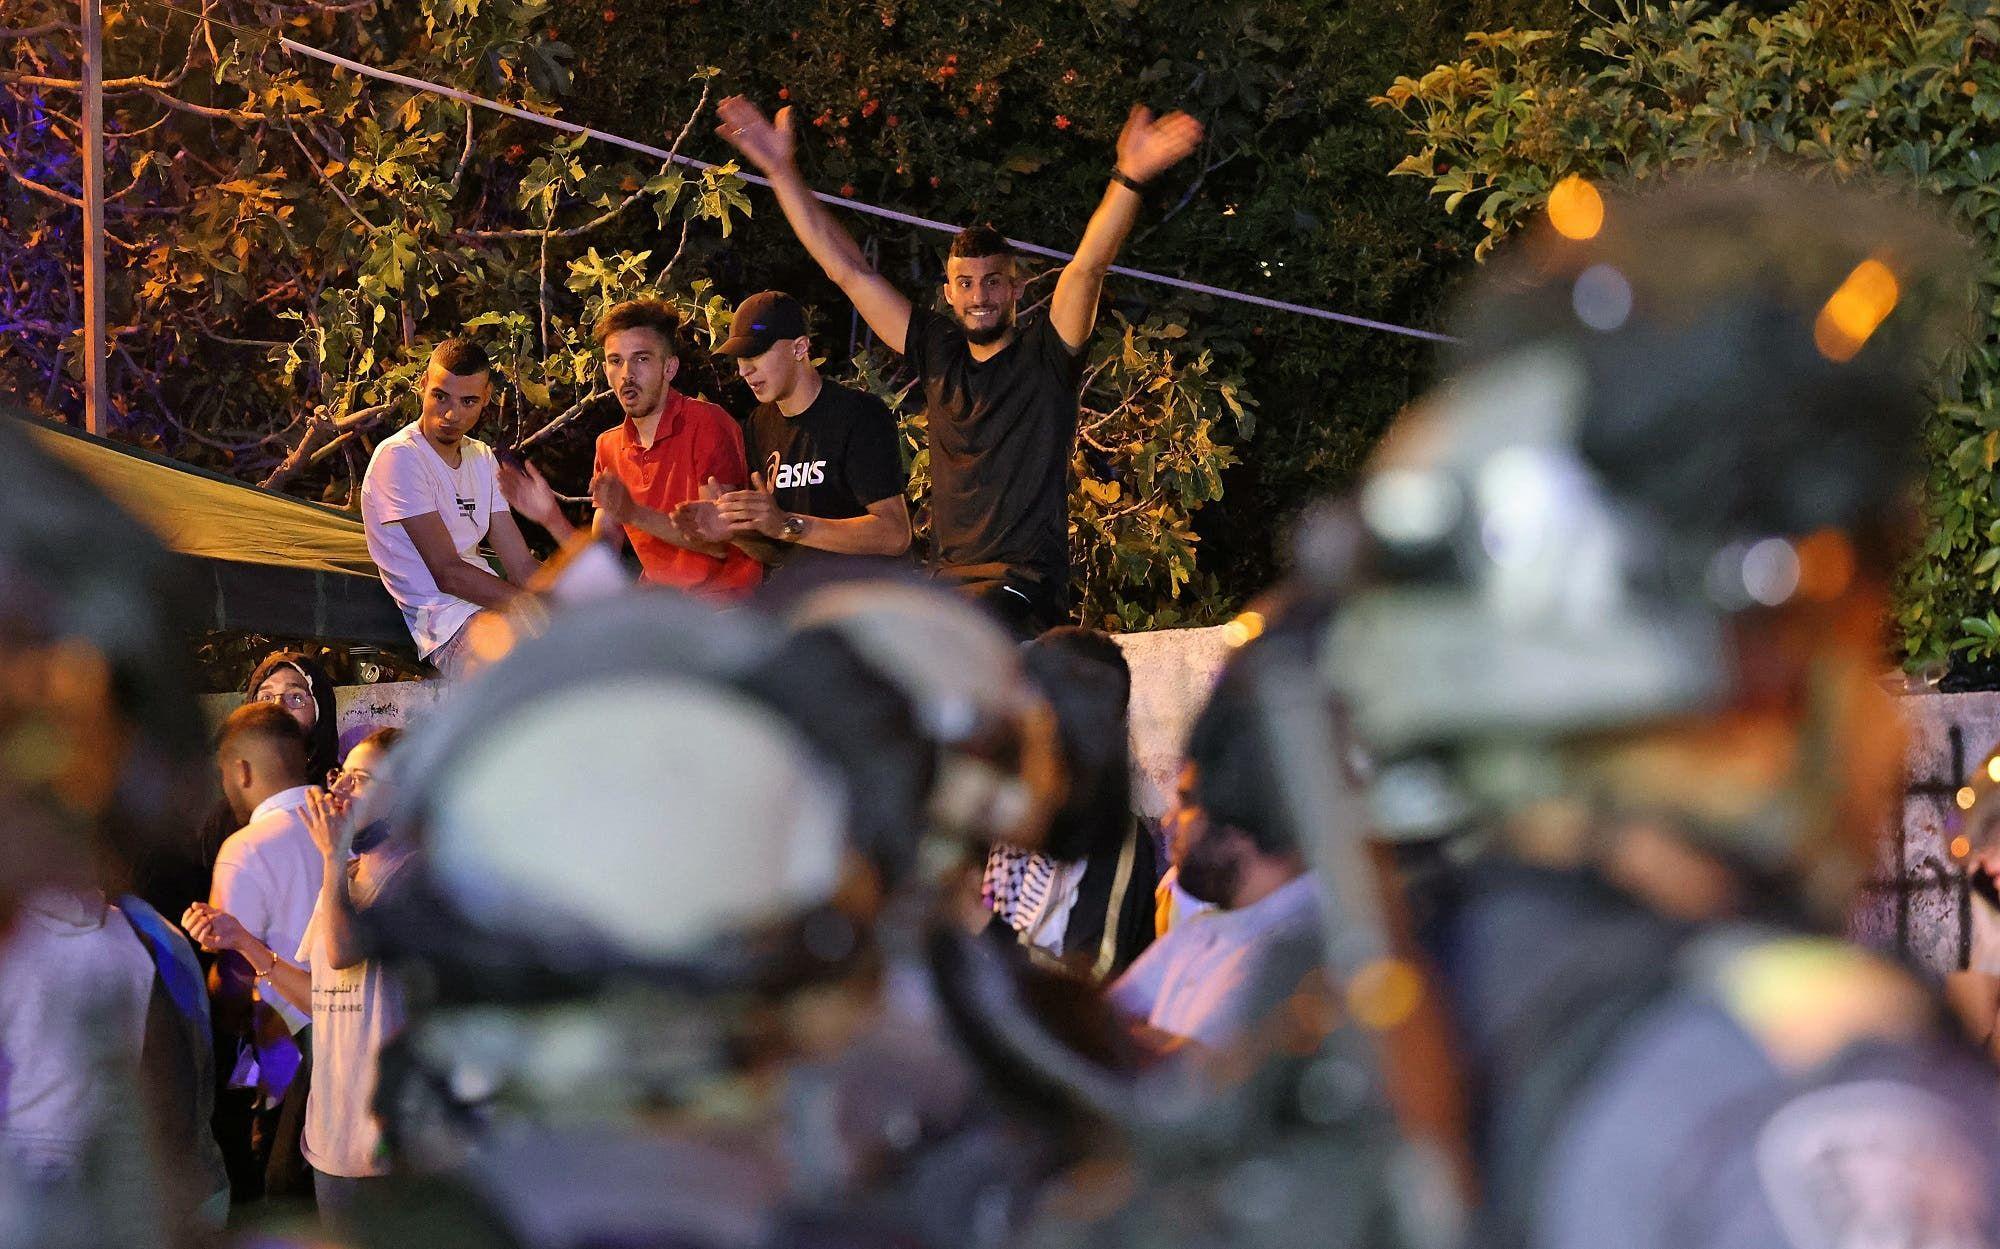 متظاهرون فلسطينيون في حي الشيخ جراح (أرشيفية من فرانس برس)